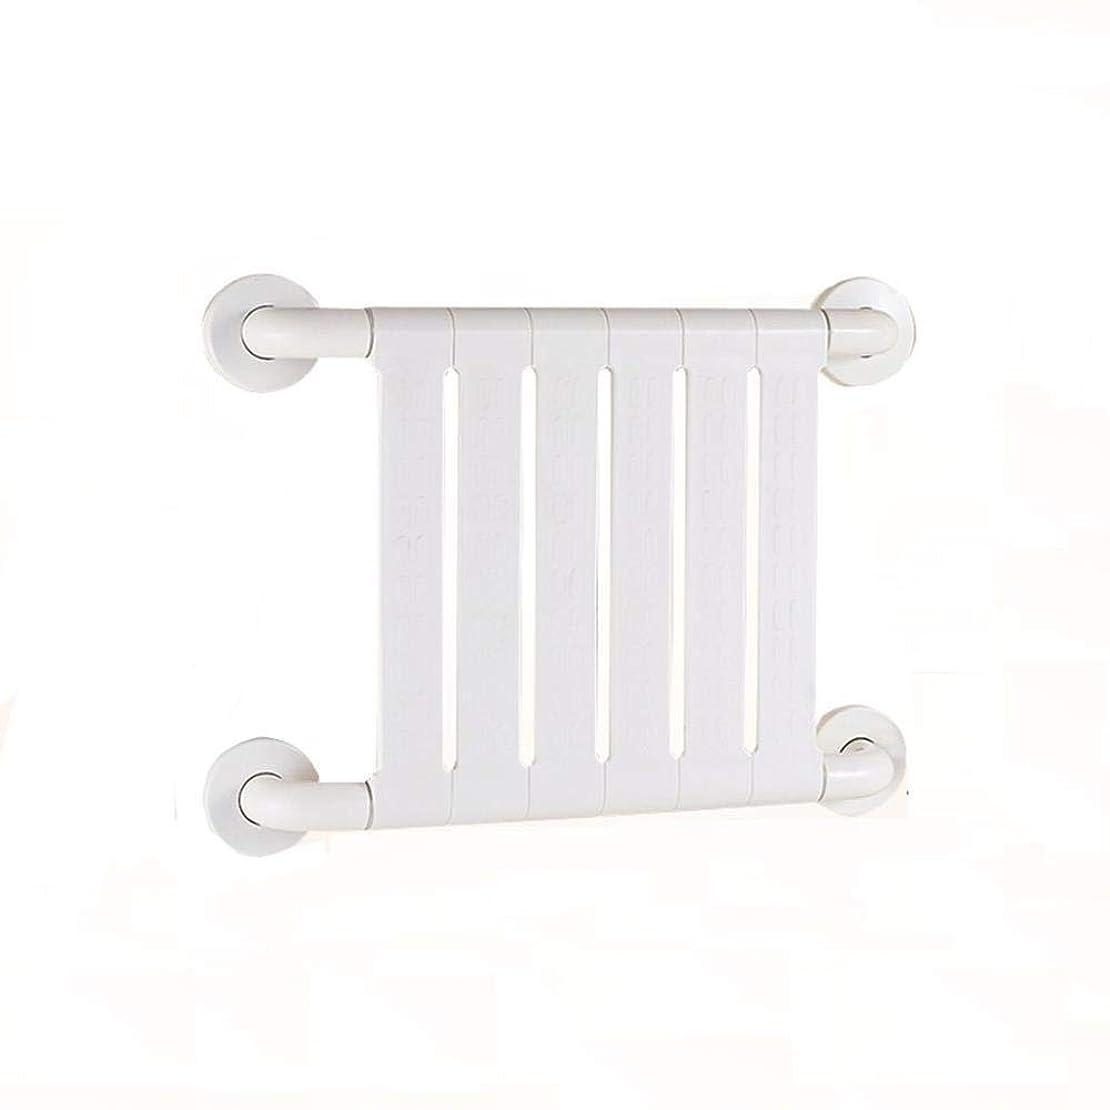 滑り止め防錆抗菌手すり高齢者障害者用アームレスト妊娠中の女性バスルームトイレバスルームの安全ハンドル (Color : 白)